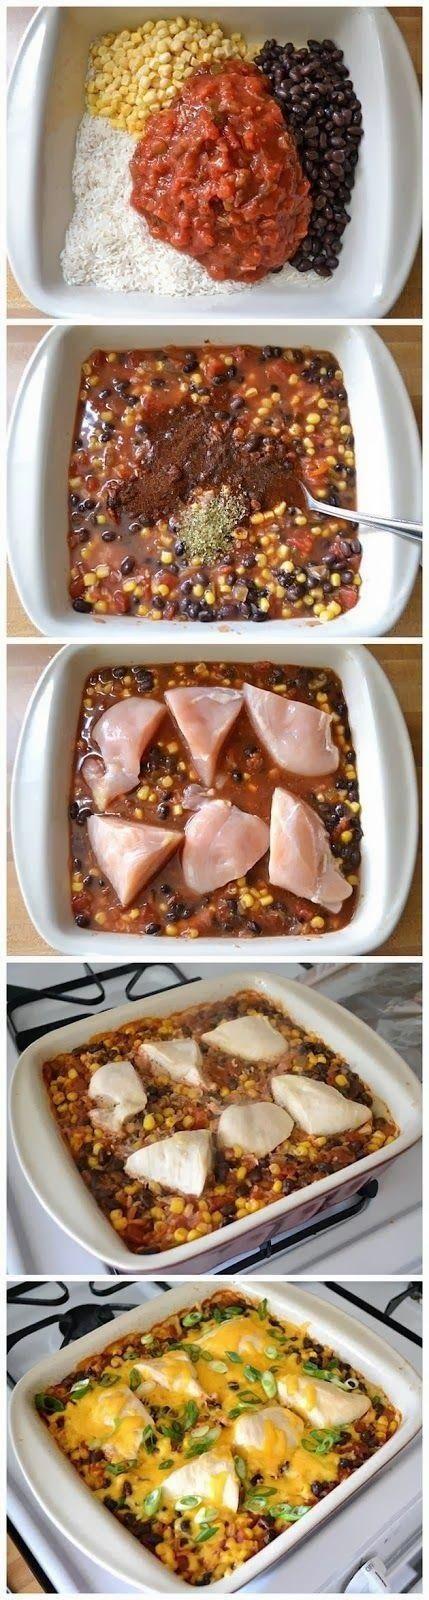 How To Salsa Chicken Casserole